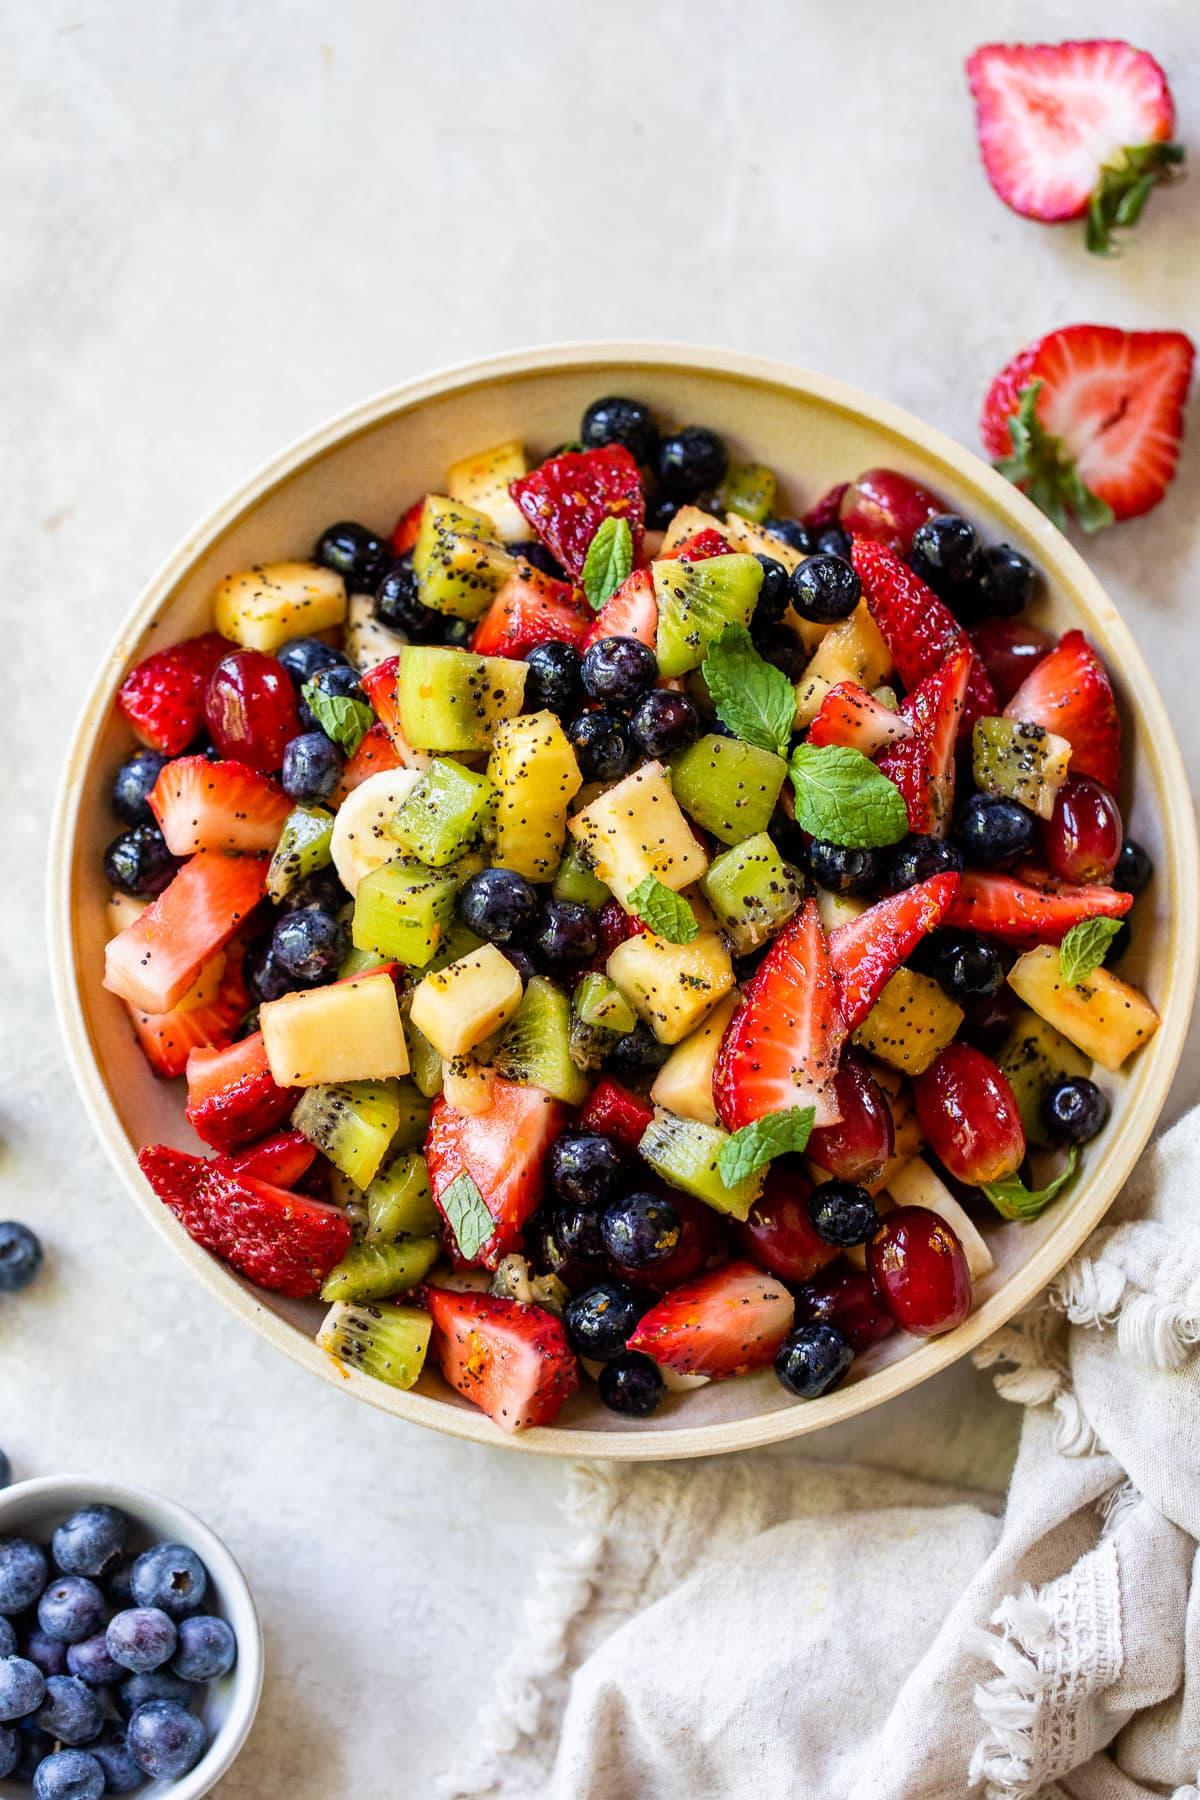 healthy mixed fruit salad bowl